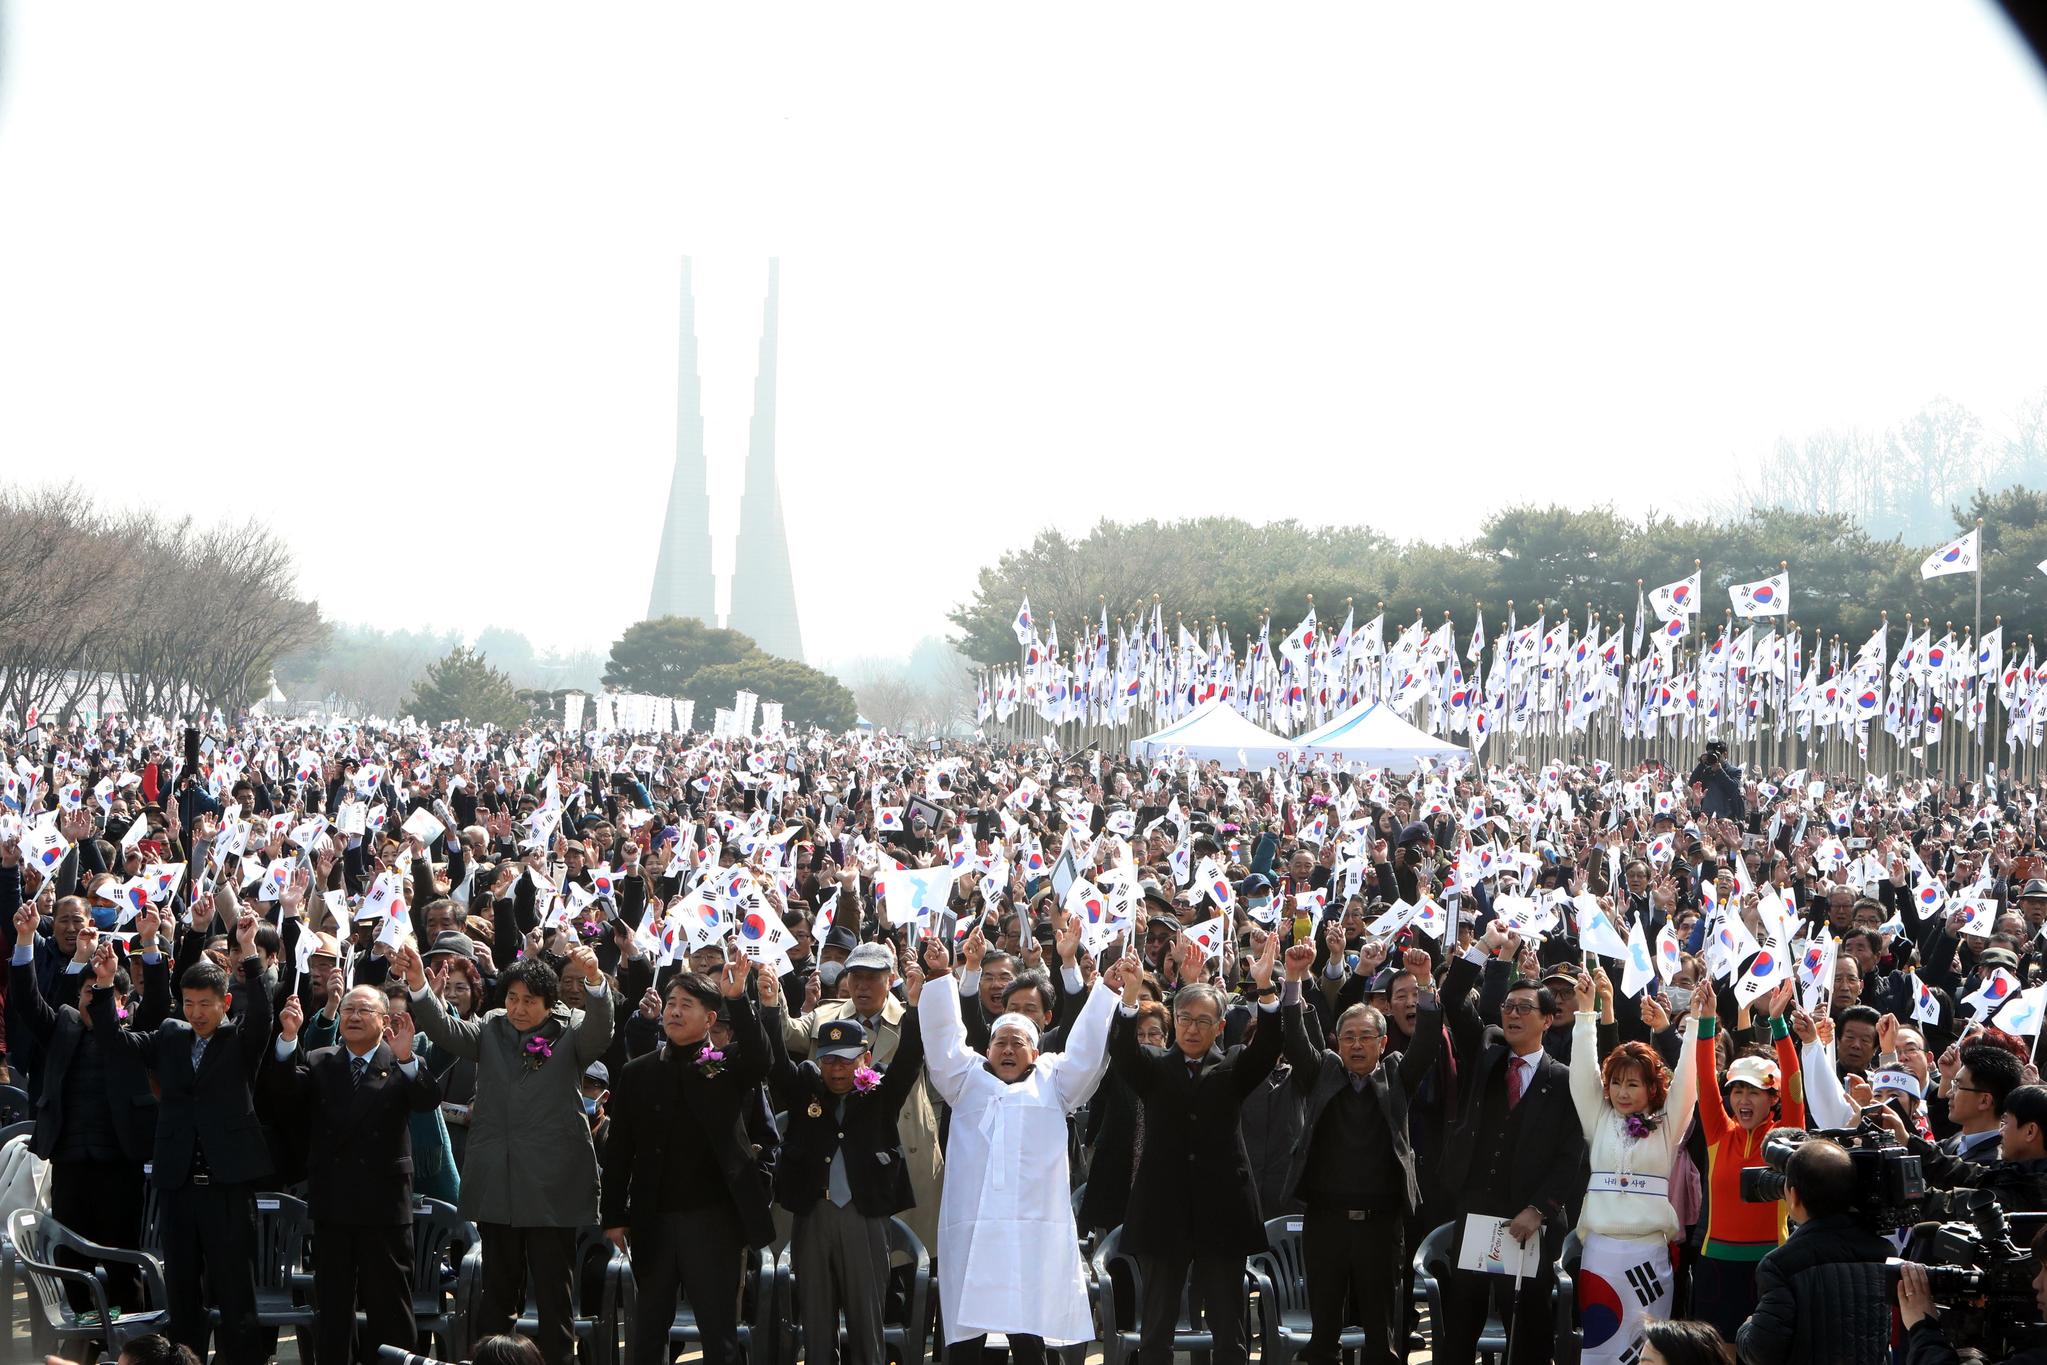 3·1절 100주년을 맞아 충남 천안 독립기념관에서 열린 기념식에 참석한 시민들이 대한독립 만세를 외치고 있다. [연합뉴스]